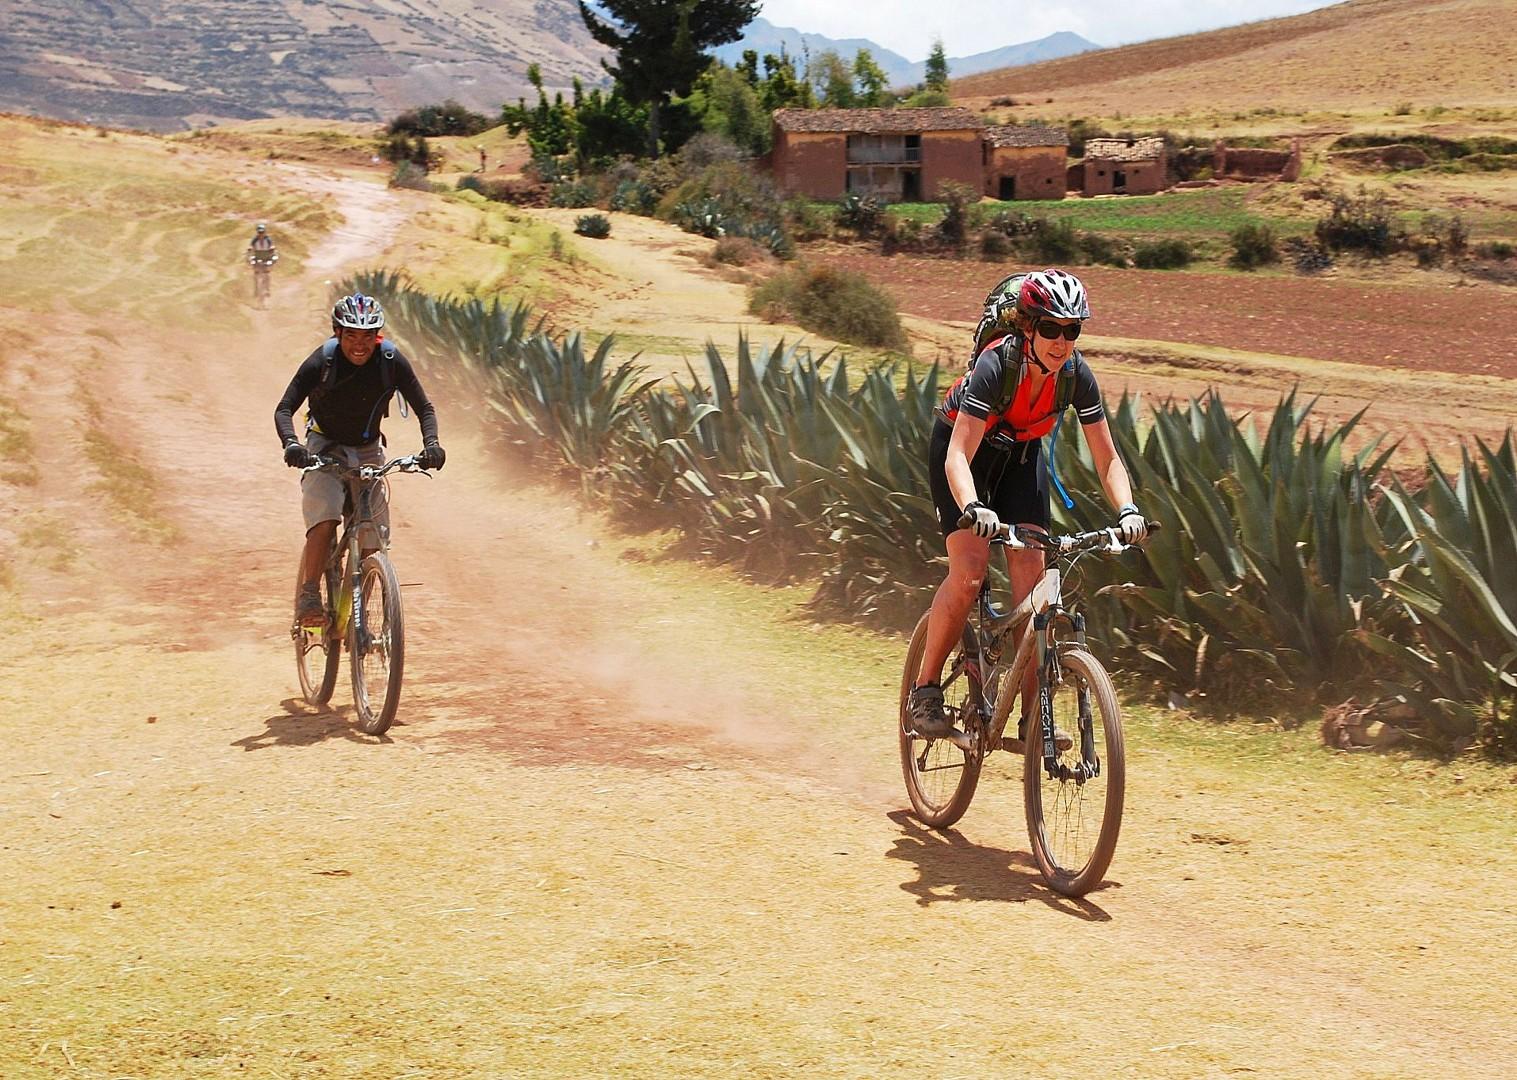 BAS Bike asalt.jpg - Peru - Sacred Singletrack - Mountain Biking